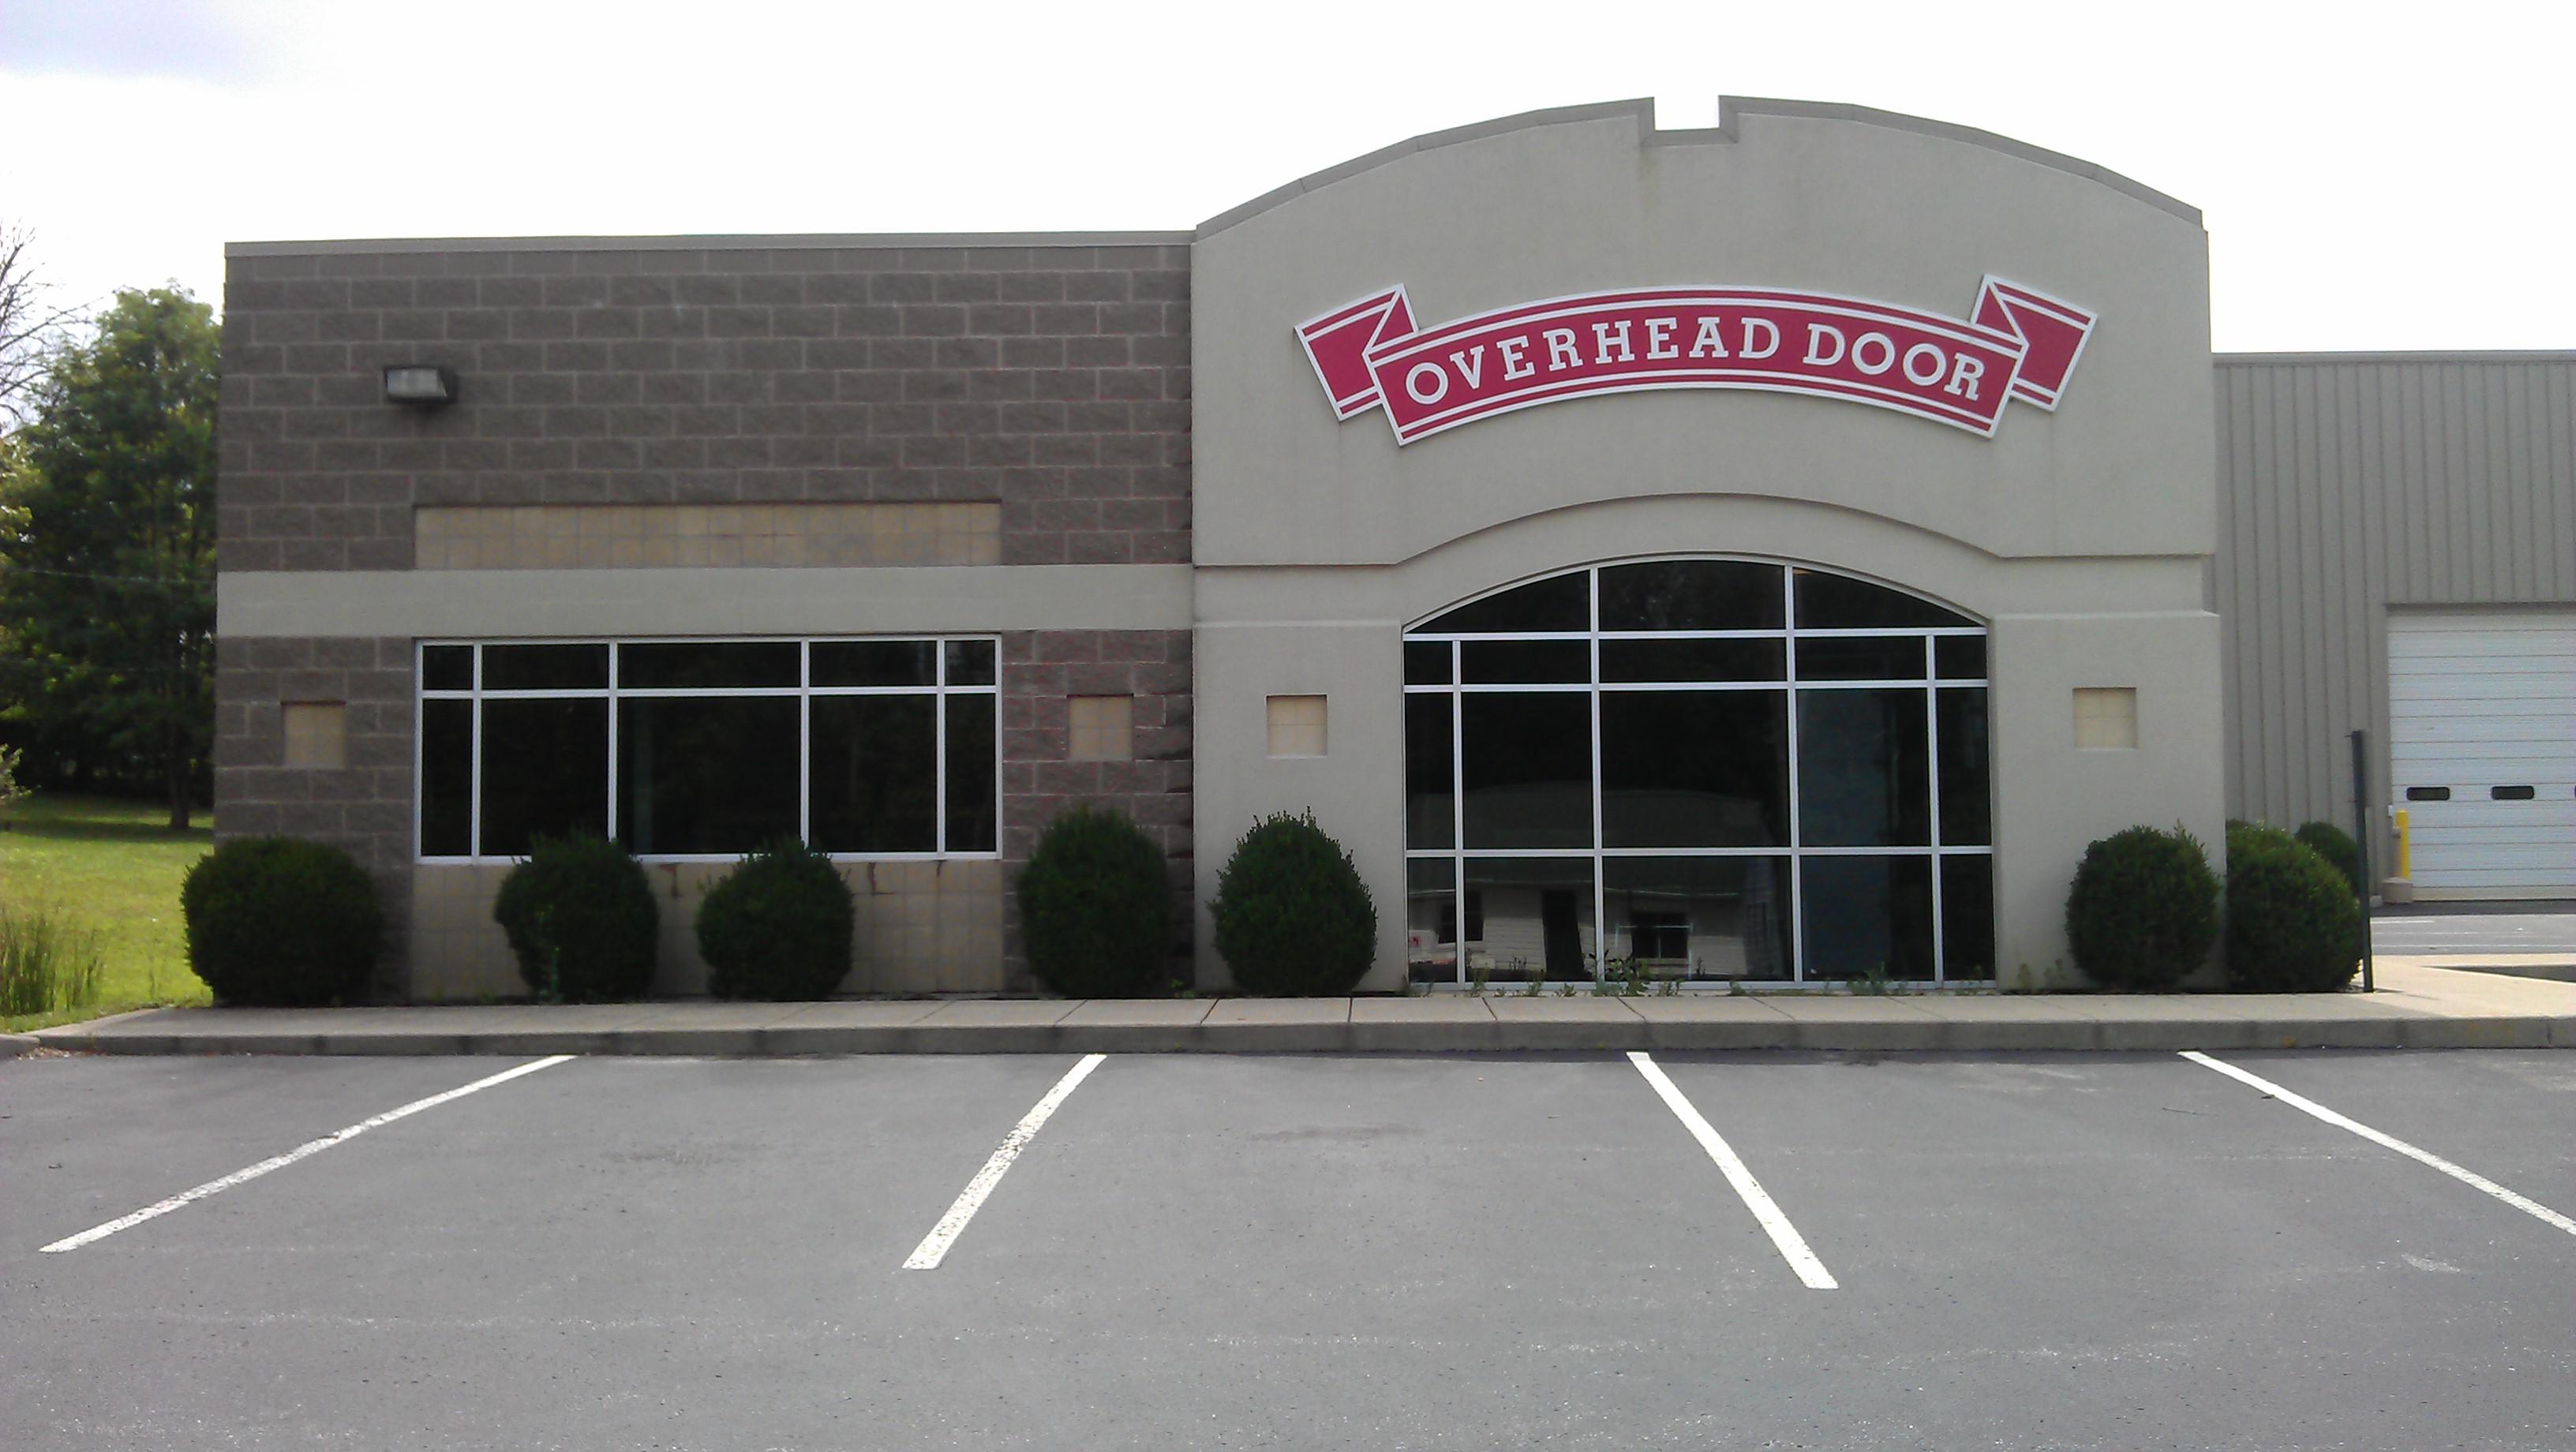 Overhead Door Company of Northern Kentucky showroom location